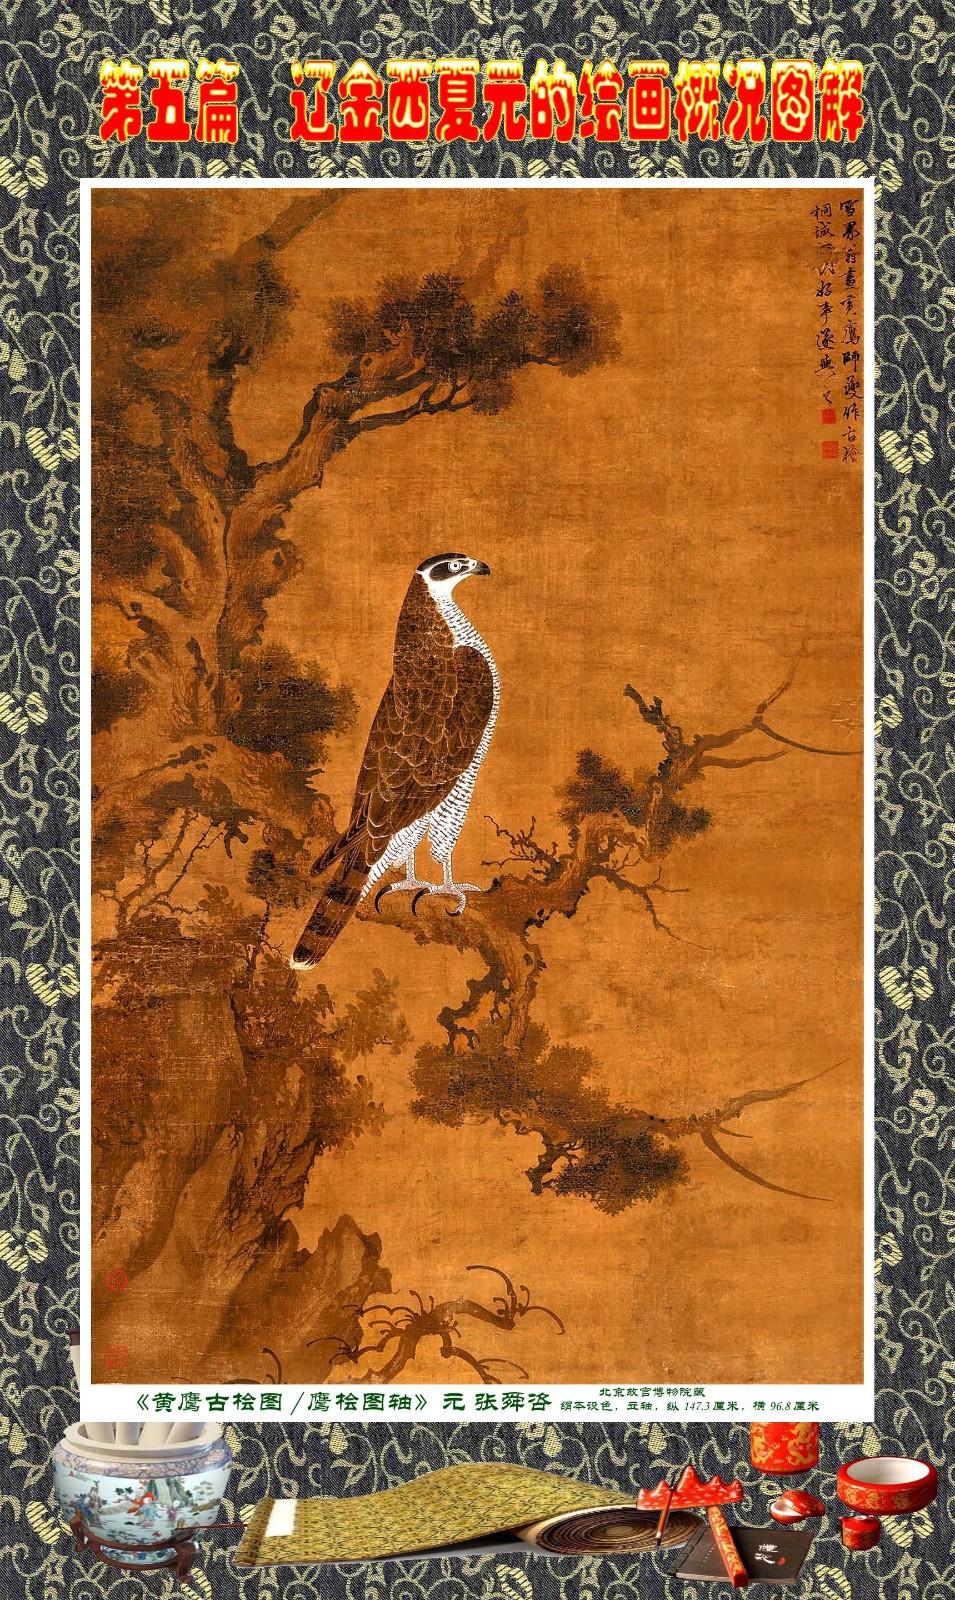 顾绍骅编辑 中国画知识普及版 第五篇 辽金西夏元的绘画概况 下 ... ..._图1-11